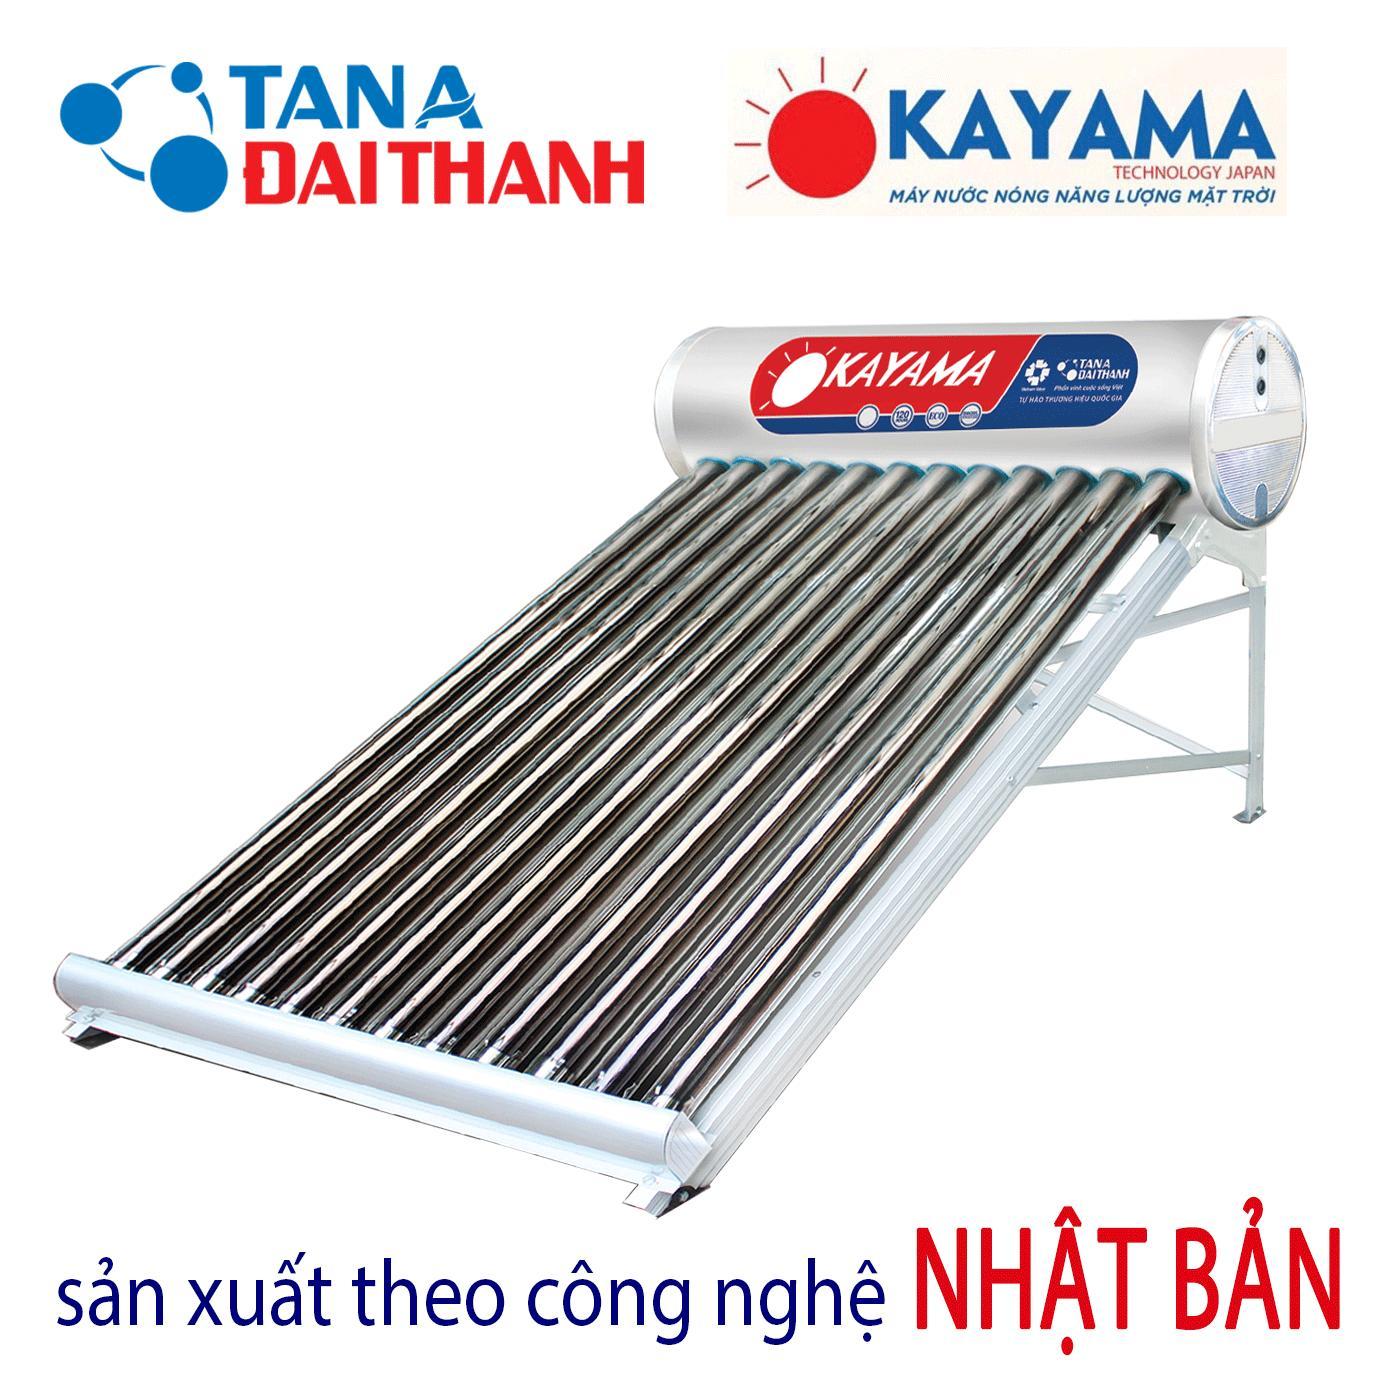 Tân Á Đại Thành - Máy nước nóng năng lượng mặt trời Okayama 130lit